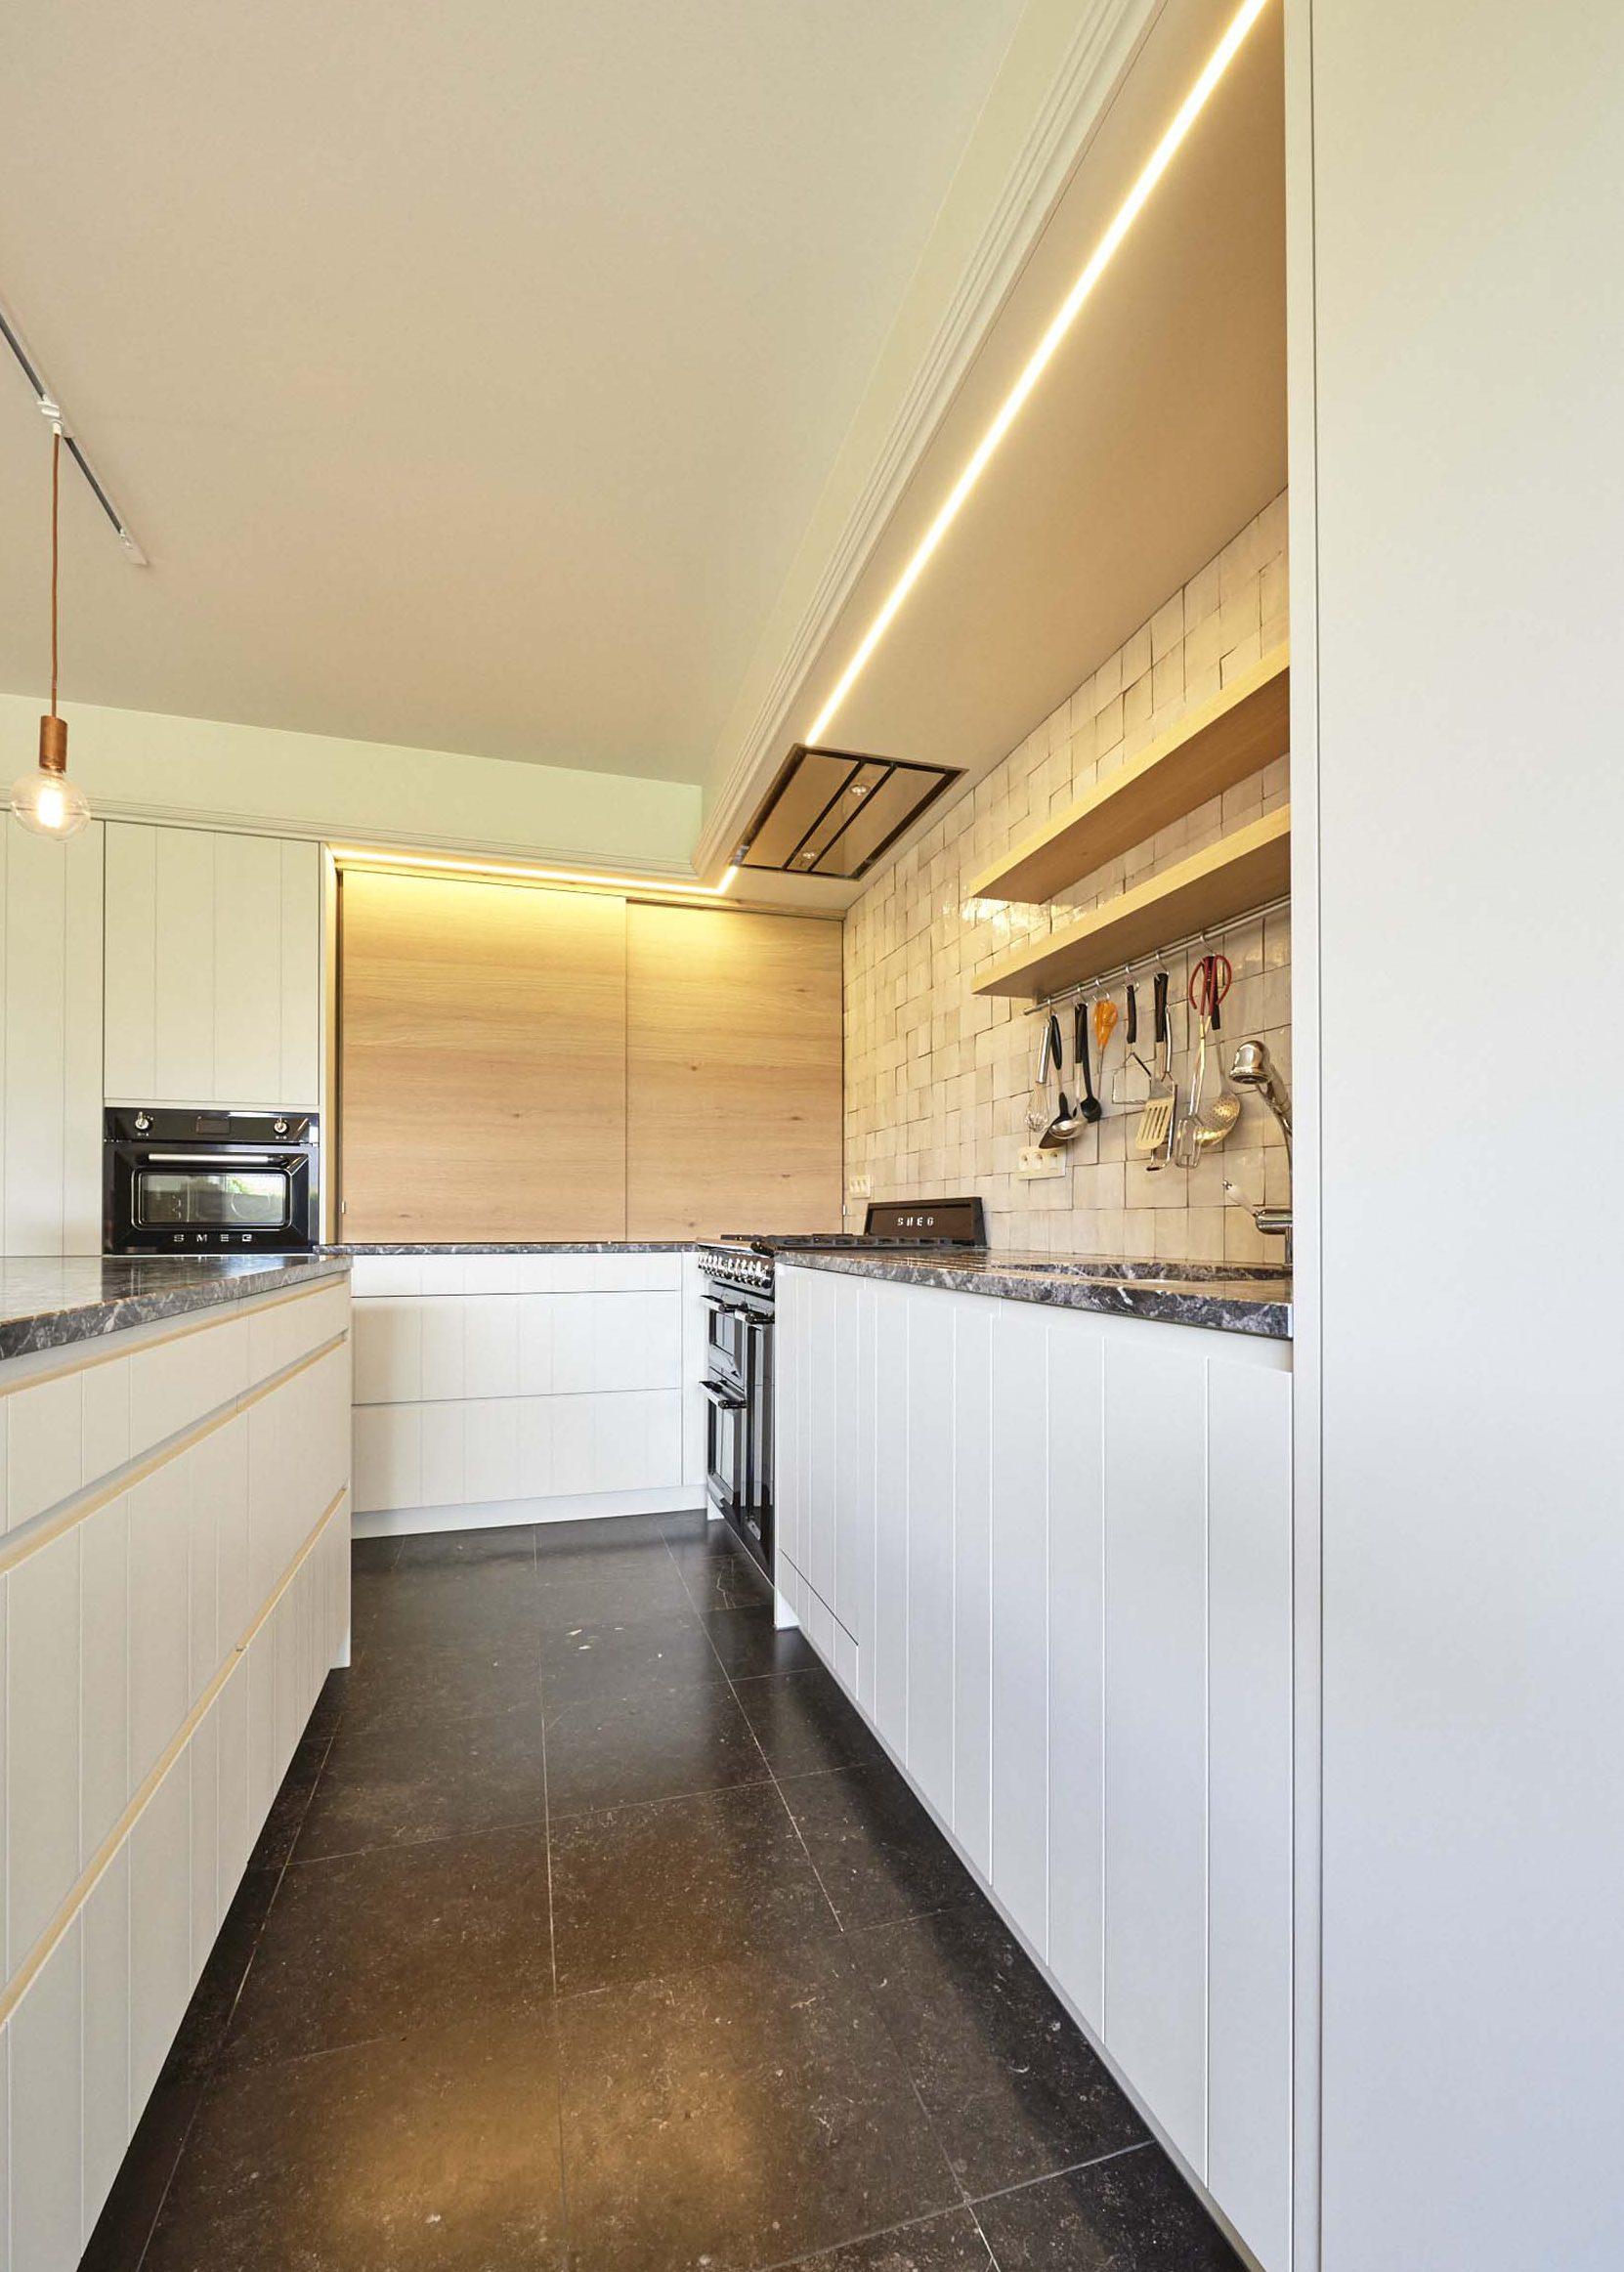 Vanda-projects-interieurinrichting-meubelmakerij-oost-vlaanderen-dumoulin-keuken-verlichting